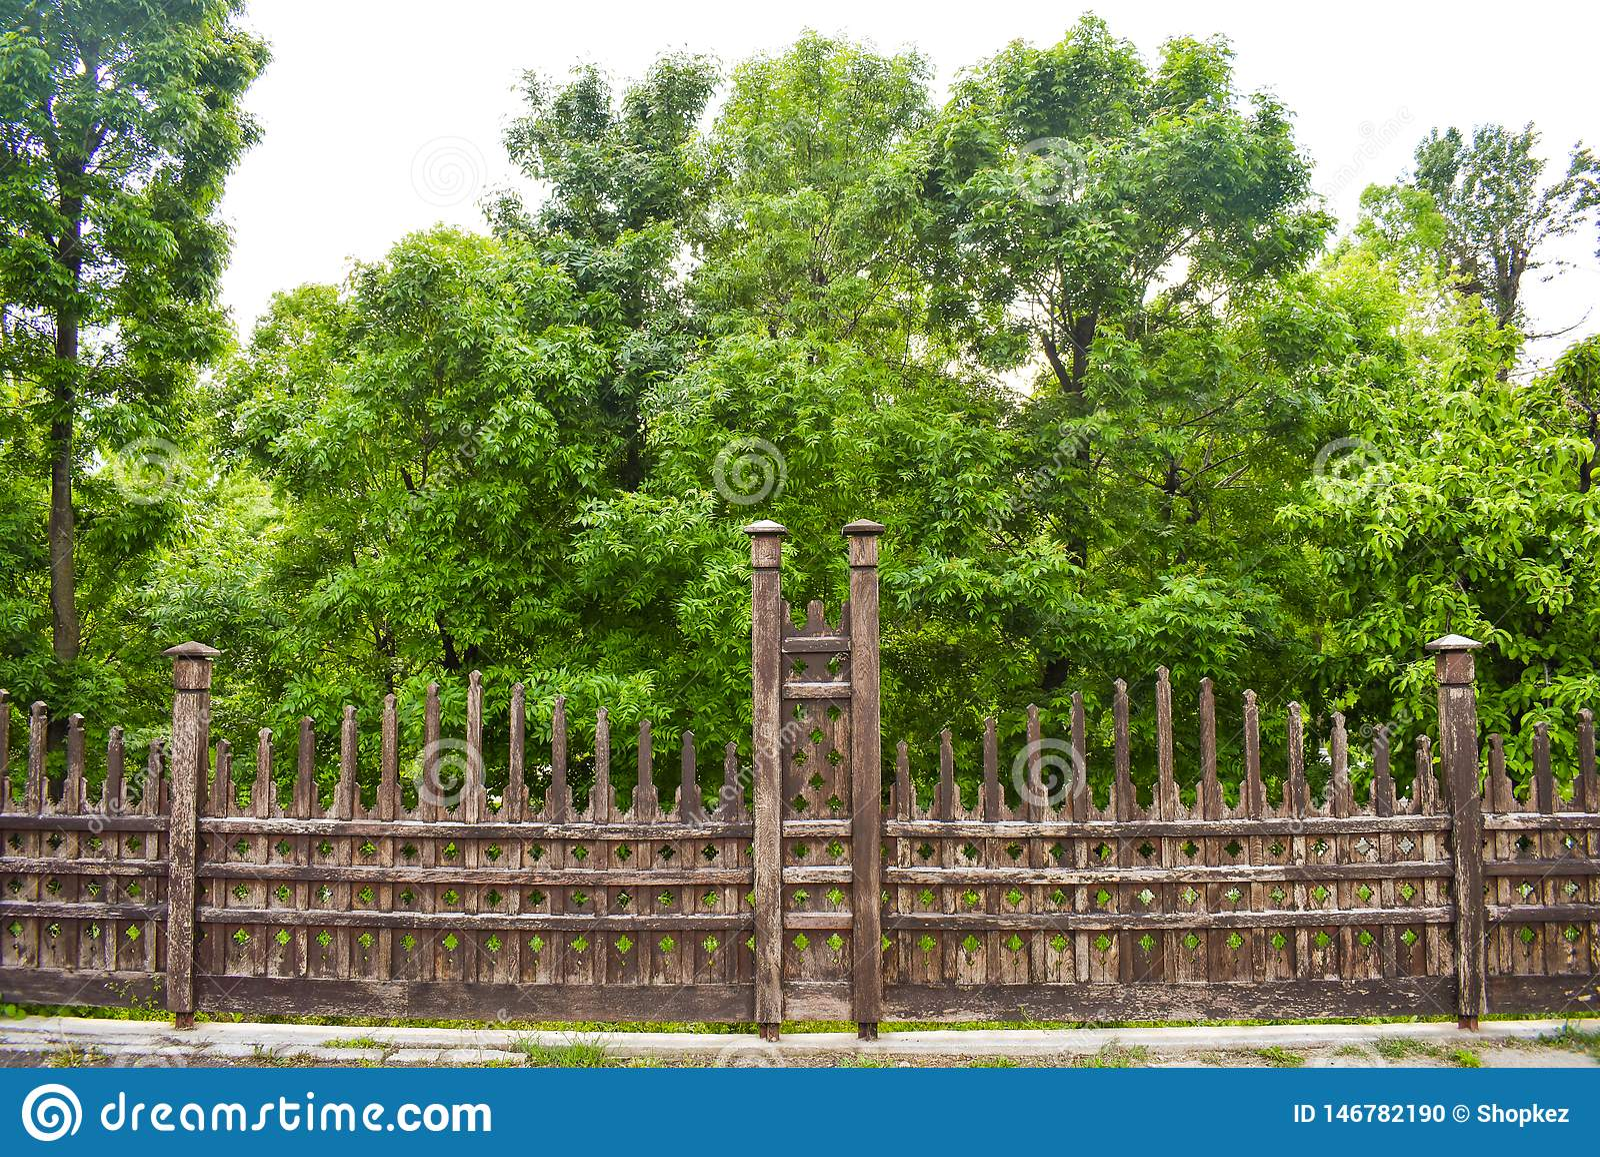 Cerca de madera hermosa en el jardín de la ciudad